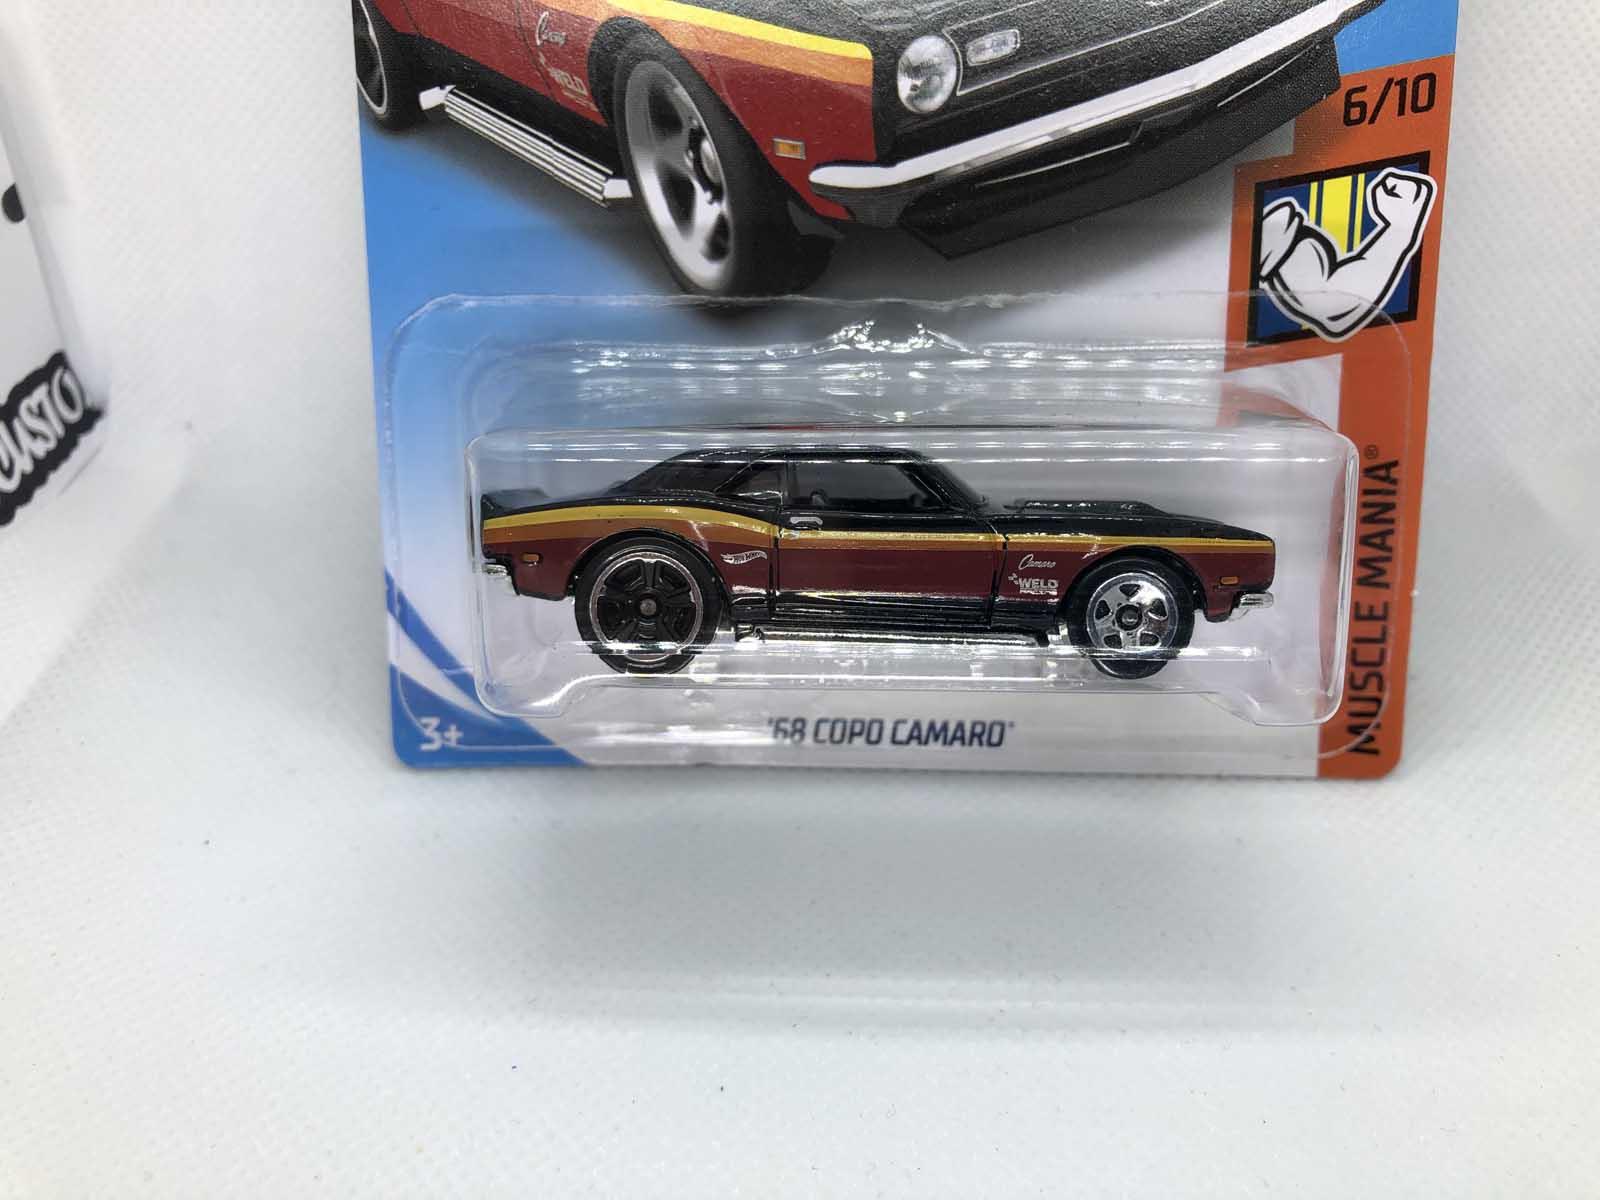 68 COPO Camaro